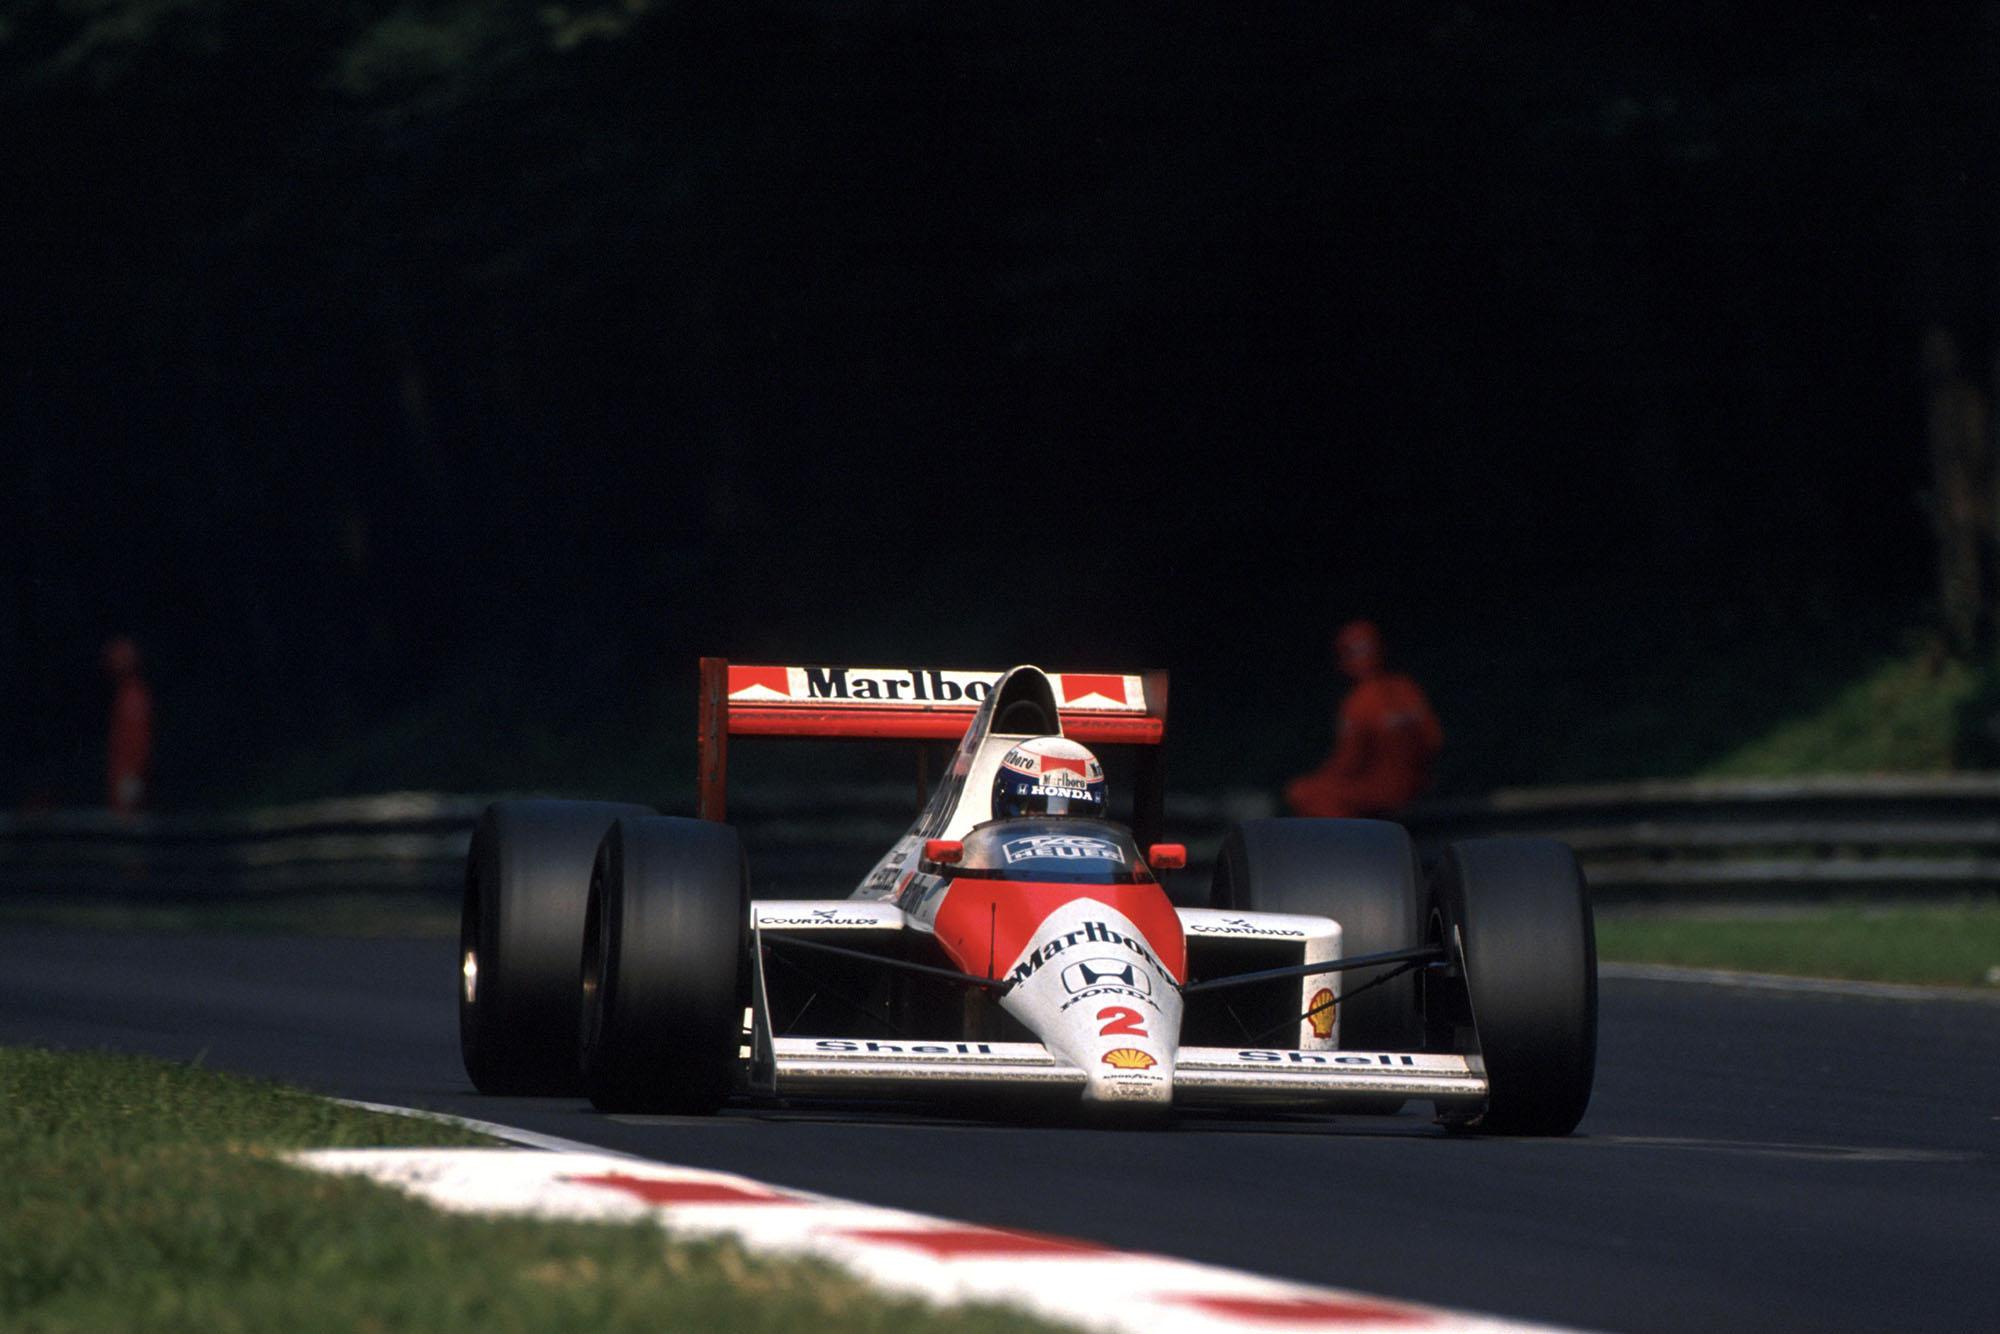 1989 ITA GP feature